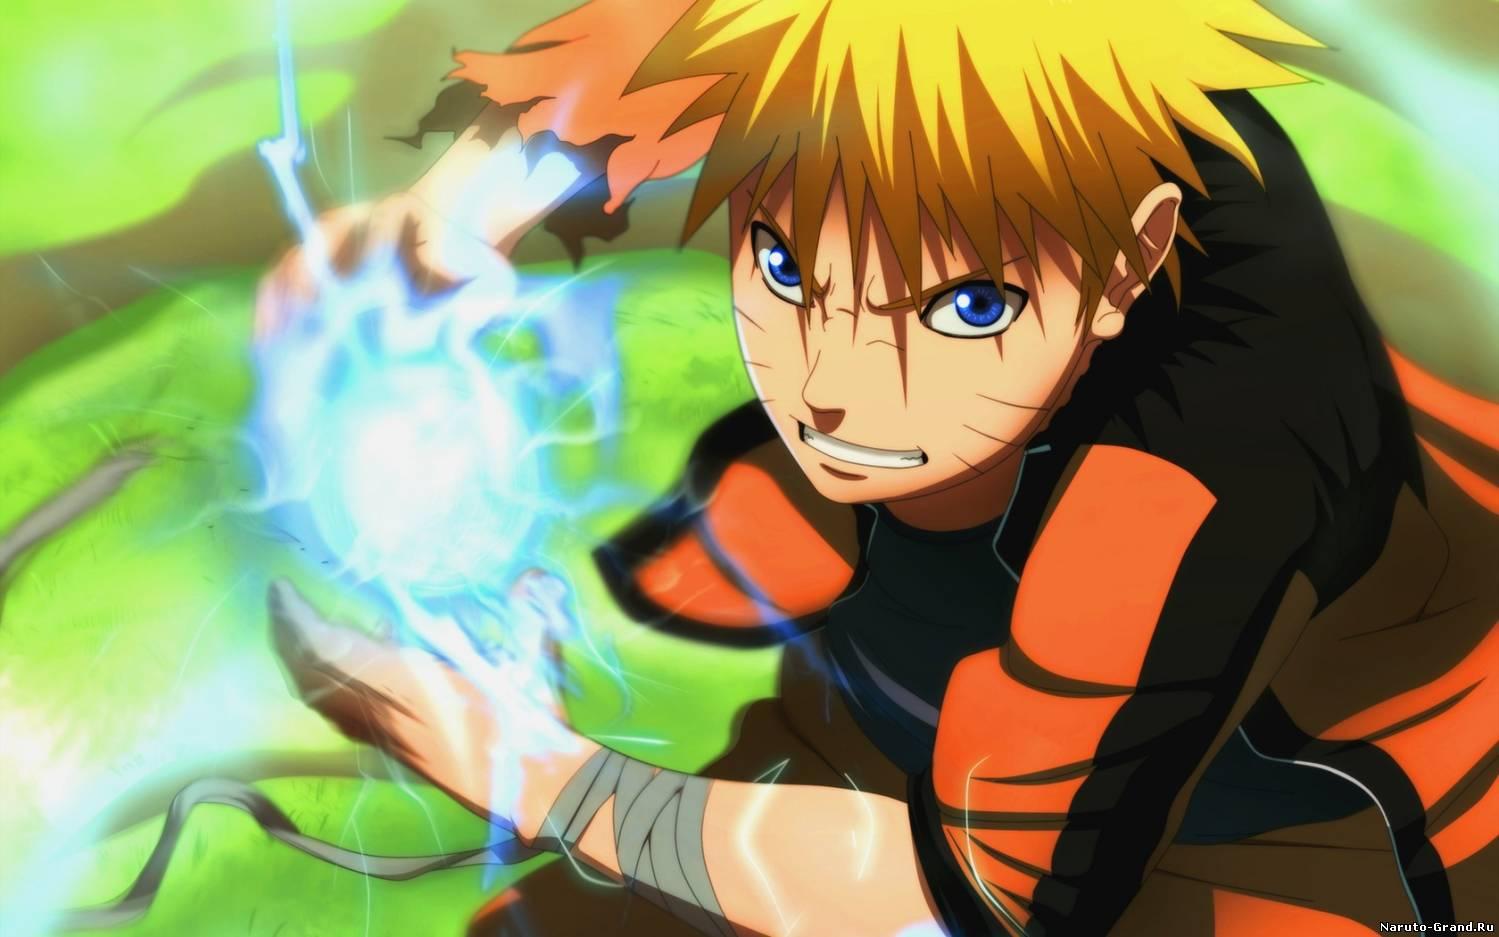 Нарутогийн сүүлчийн кино The Last: Naruto the Movie Өргөө, Тэнгисийн дэлгэцнээ